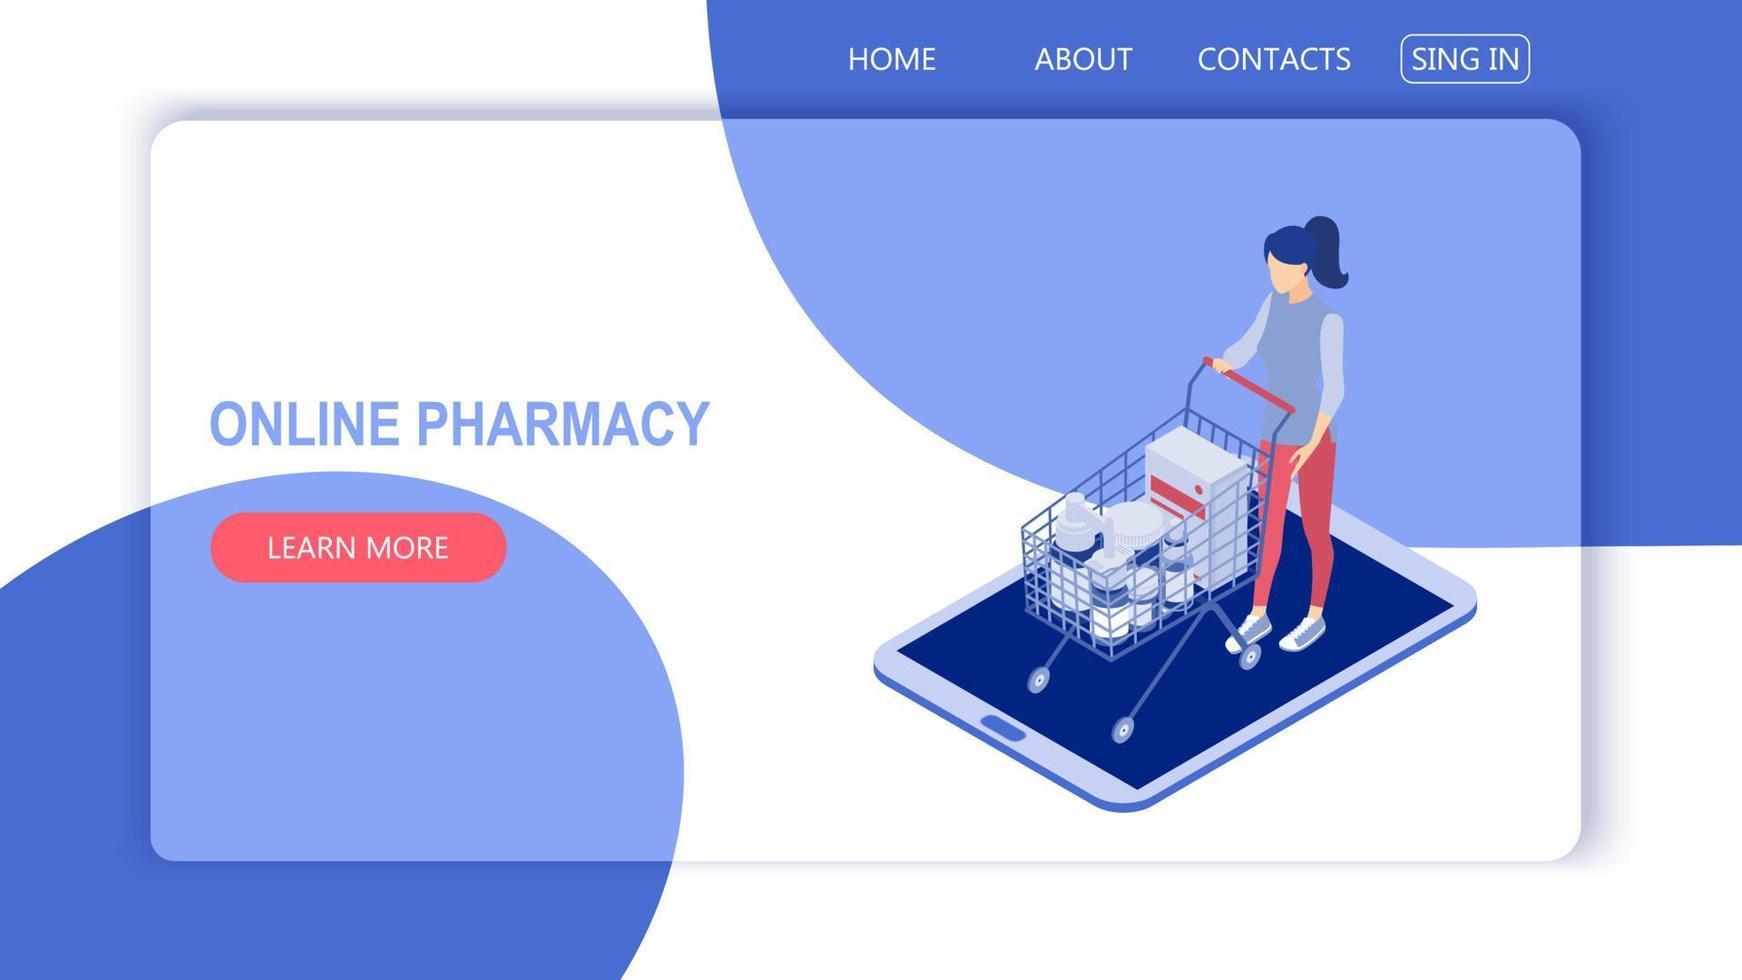 conceito de uma ilustração vetorial isométrica de farmácia on-line. vetor